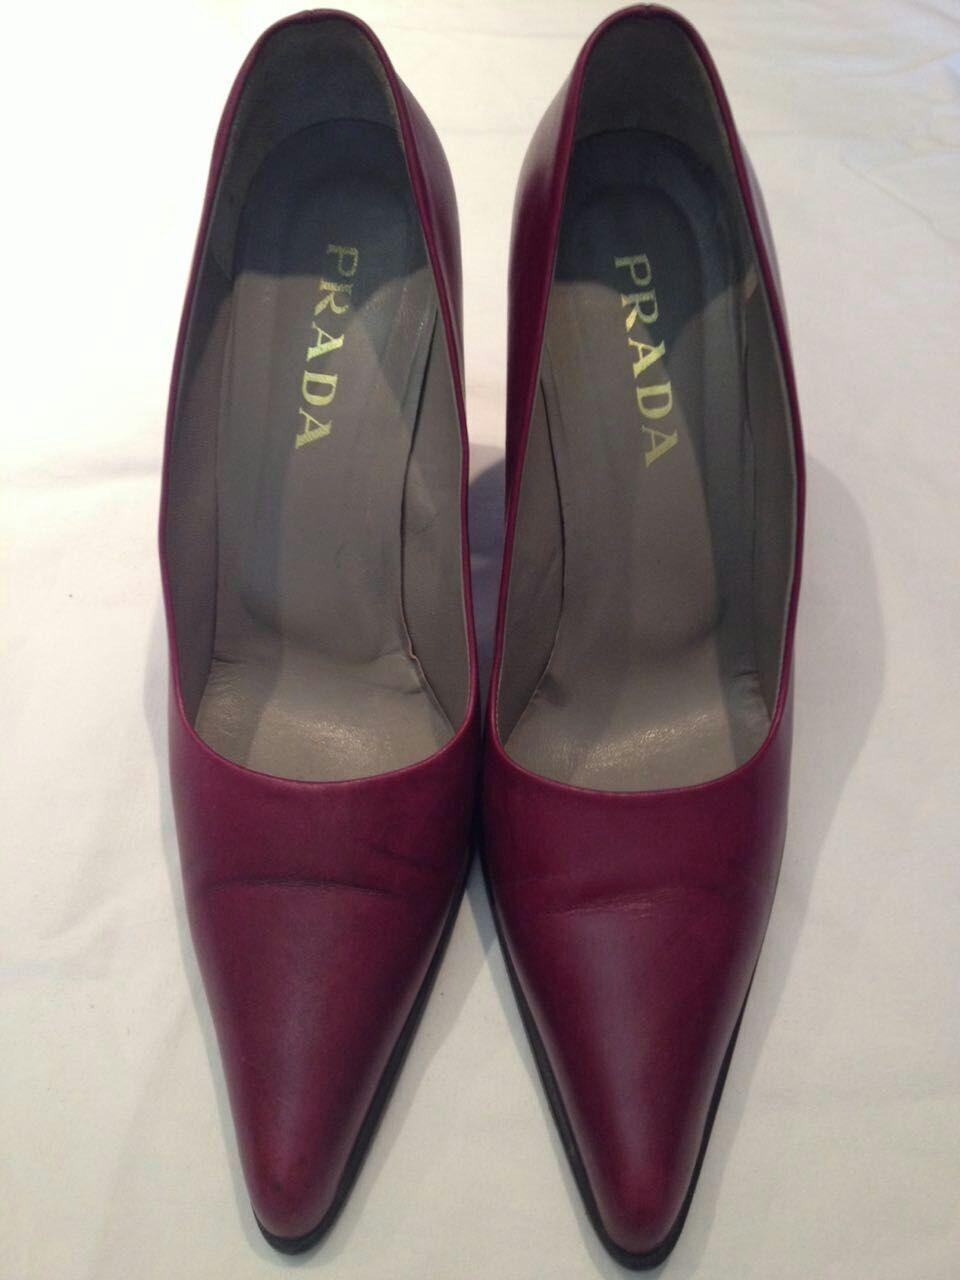 PRADA - Decolté - scarpe da donna - colore bordeaux/prugna - N° 40 - tacco 10,5